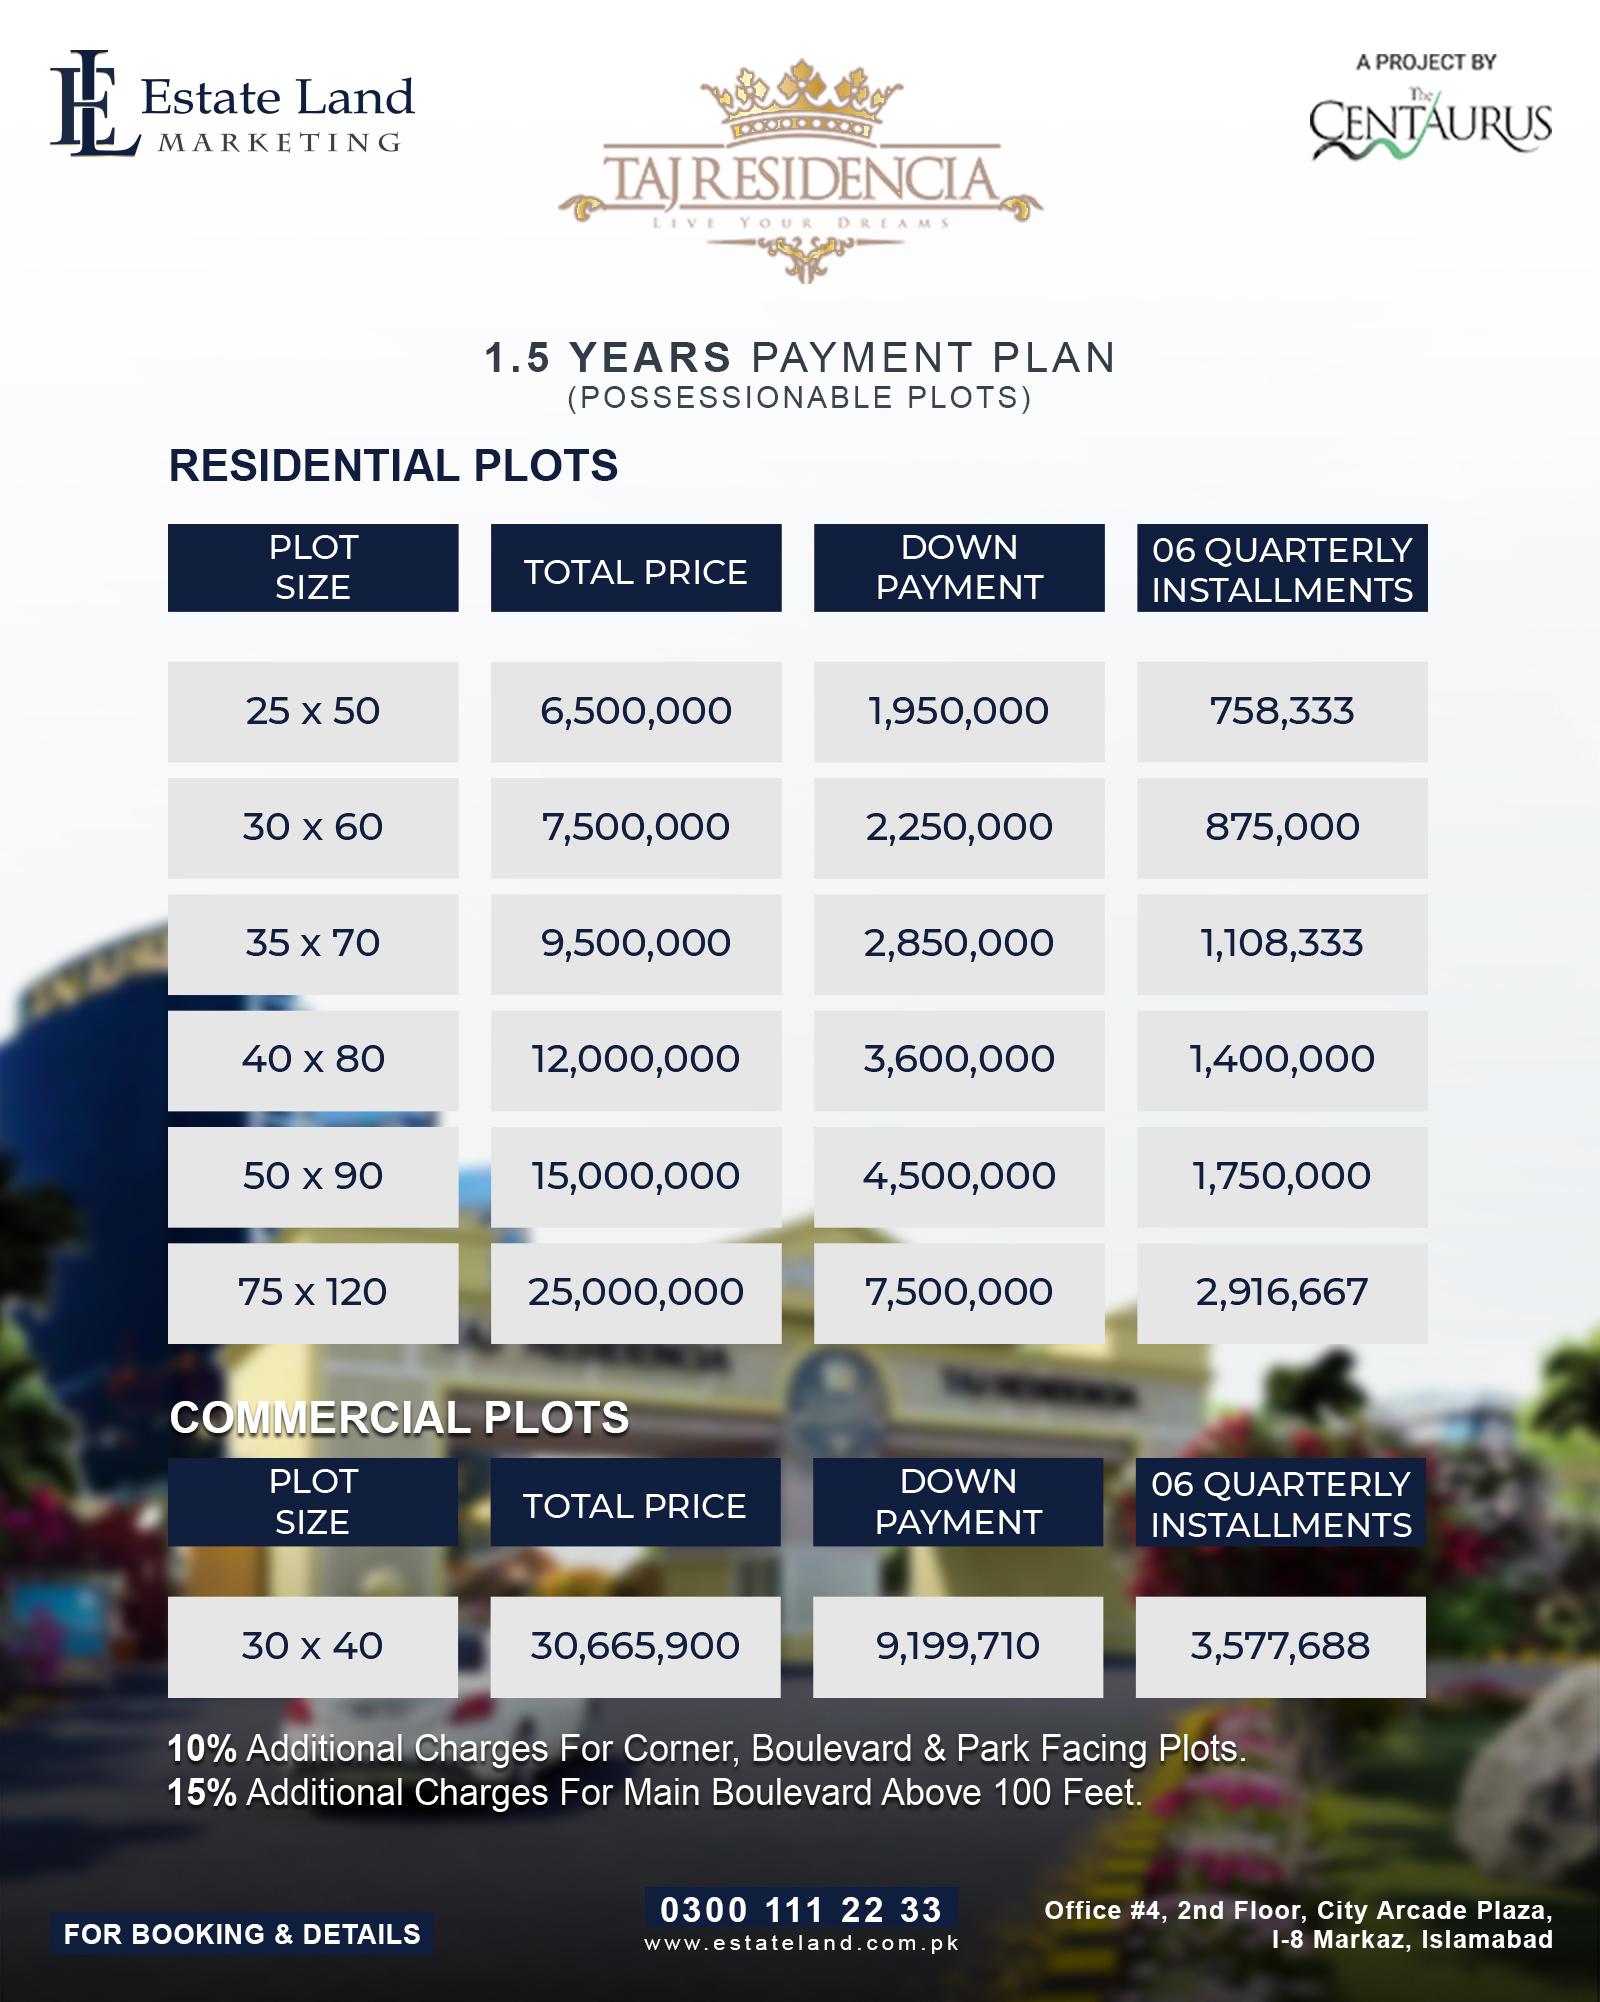 Taj residencia 1.5 year installment prices